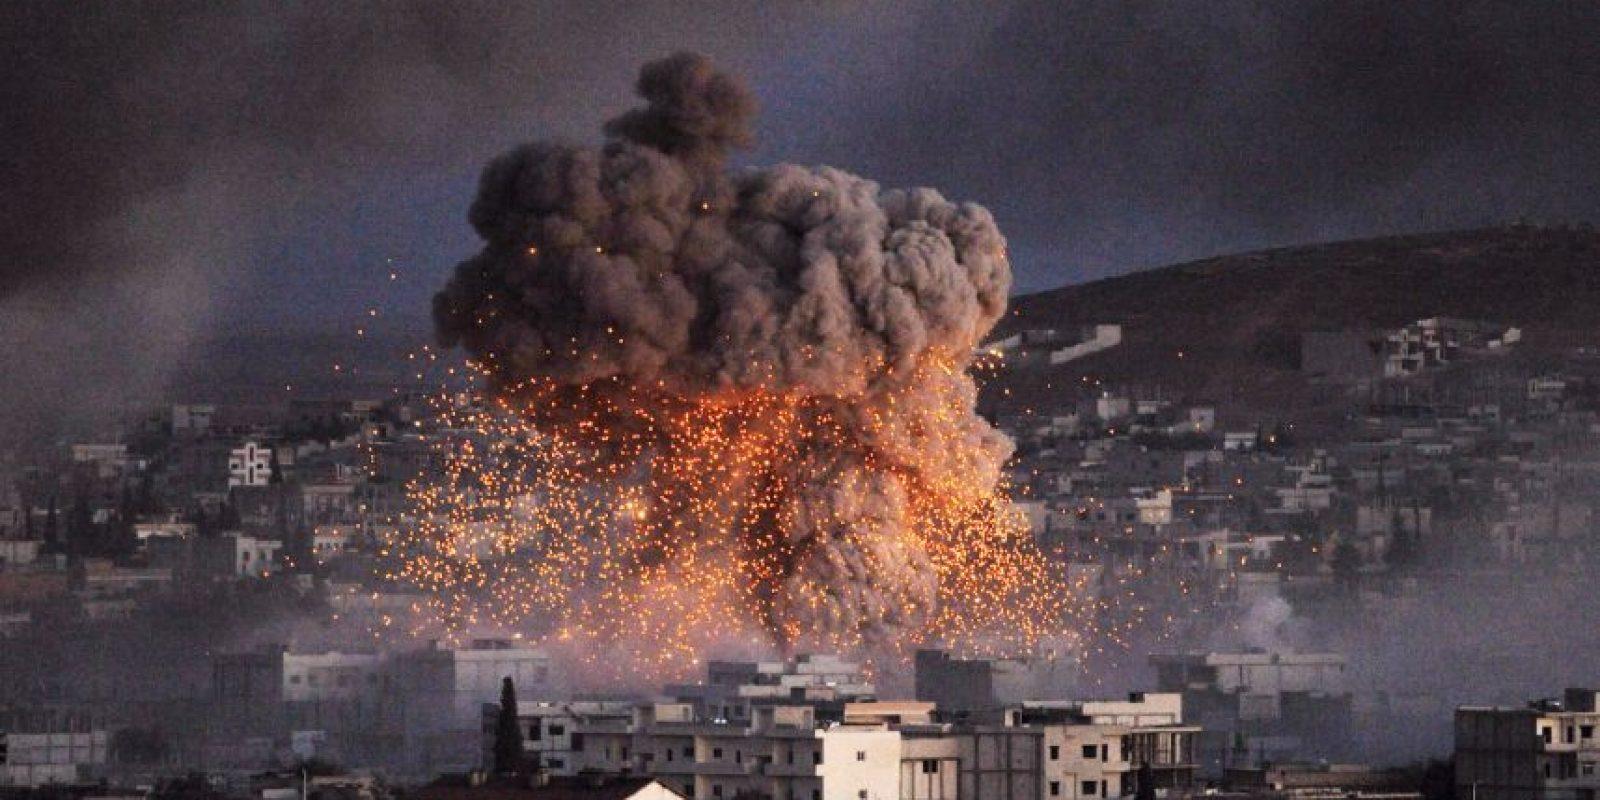 Numerosos suníes acogieron favorablemente la aparición de combatientes de ISIS, pues creían que podrían liberarlos de la opresión e intolerancia de las fuerzas gubernamentales. Foto:Getty Images